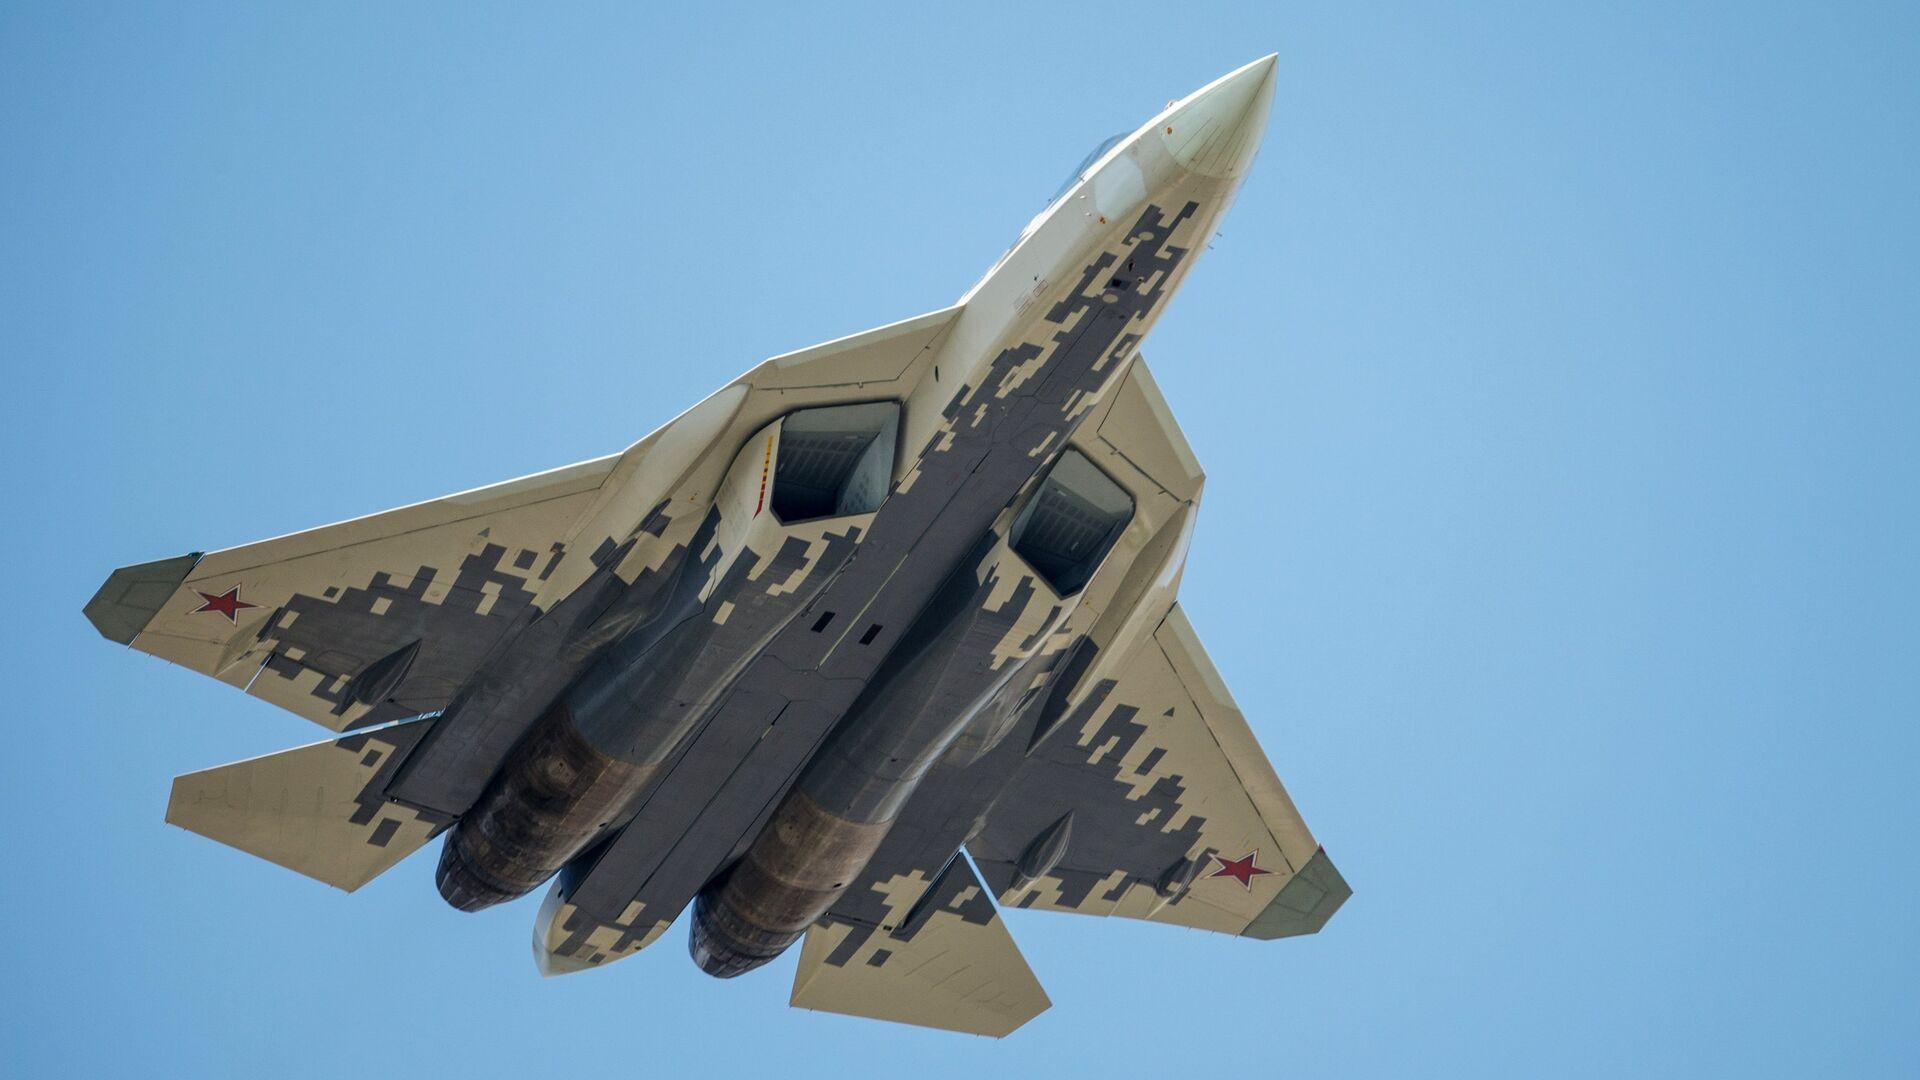 Обои F-35, Самолет 5 поколения, истребитель пятого поколения. Авиация foto 15